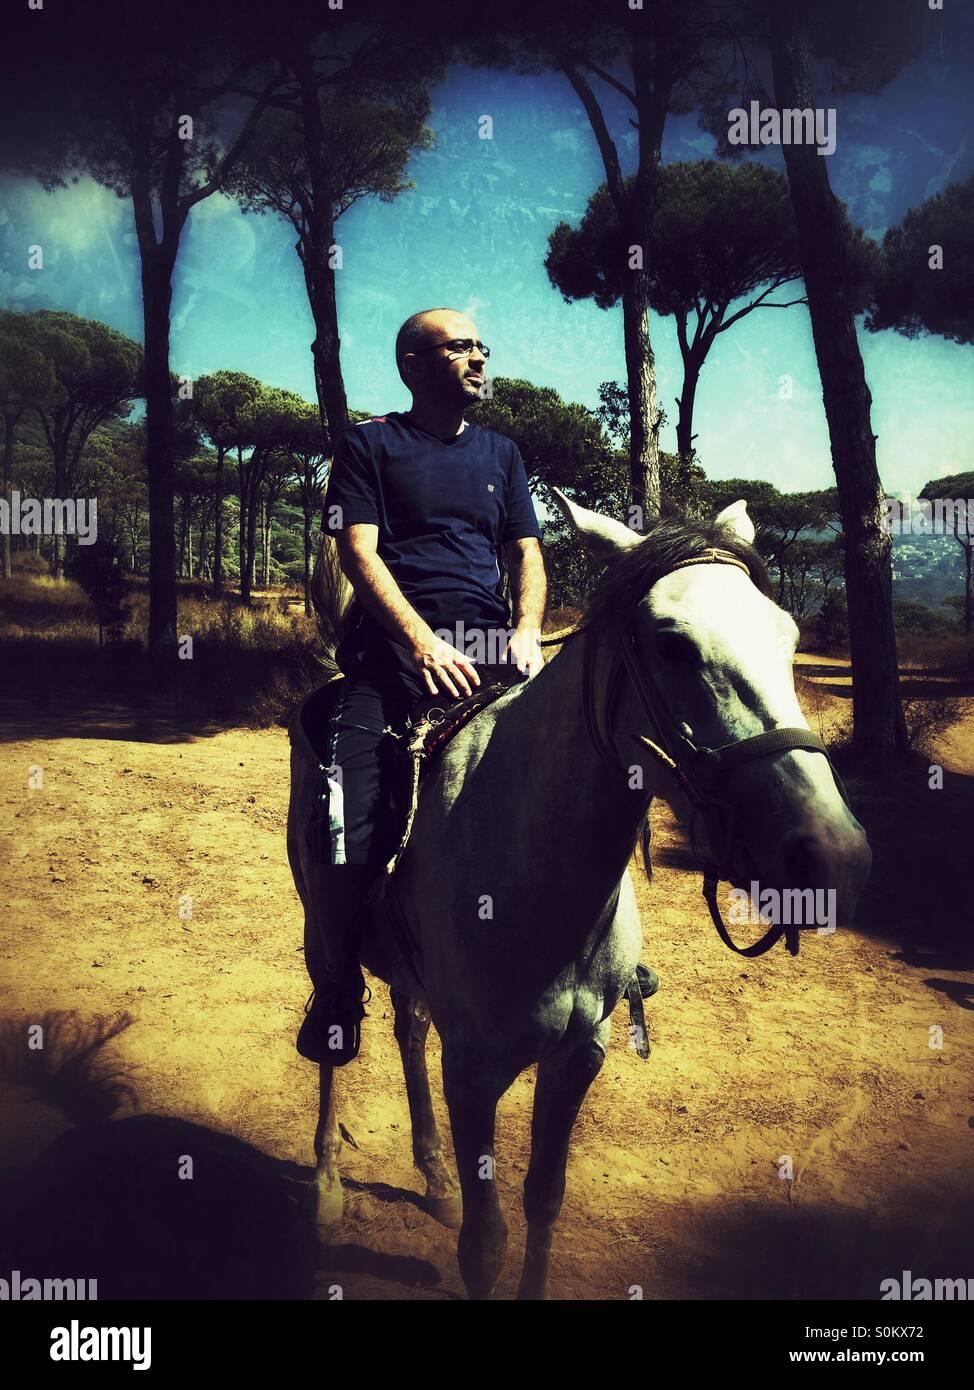 La mezza età uomo a cavallo nella foresta Immagini Stock